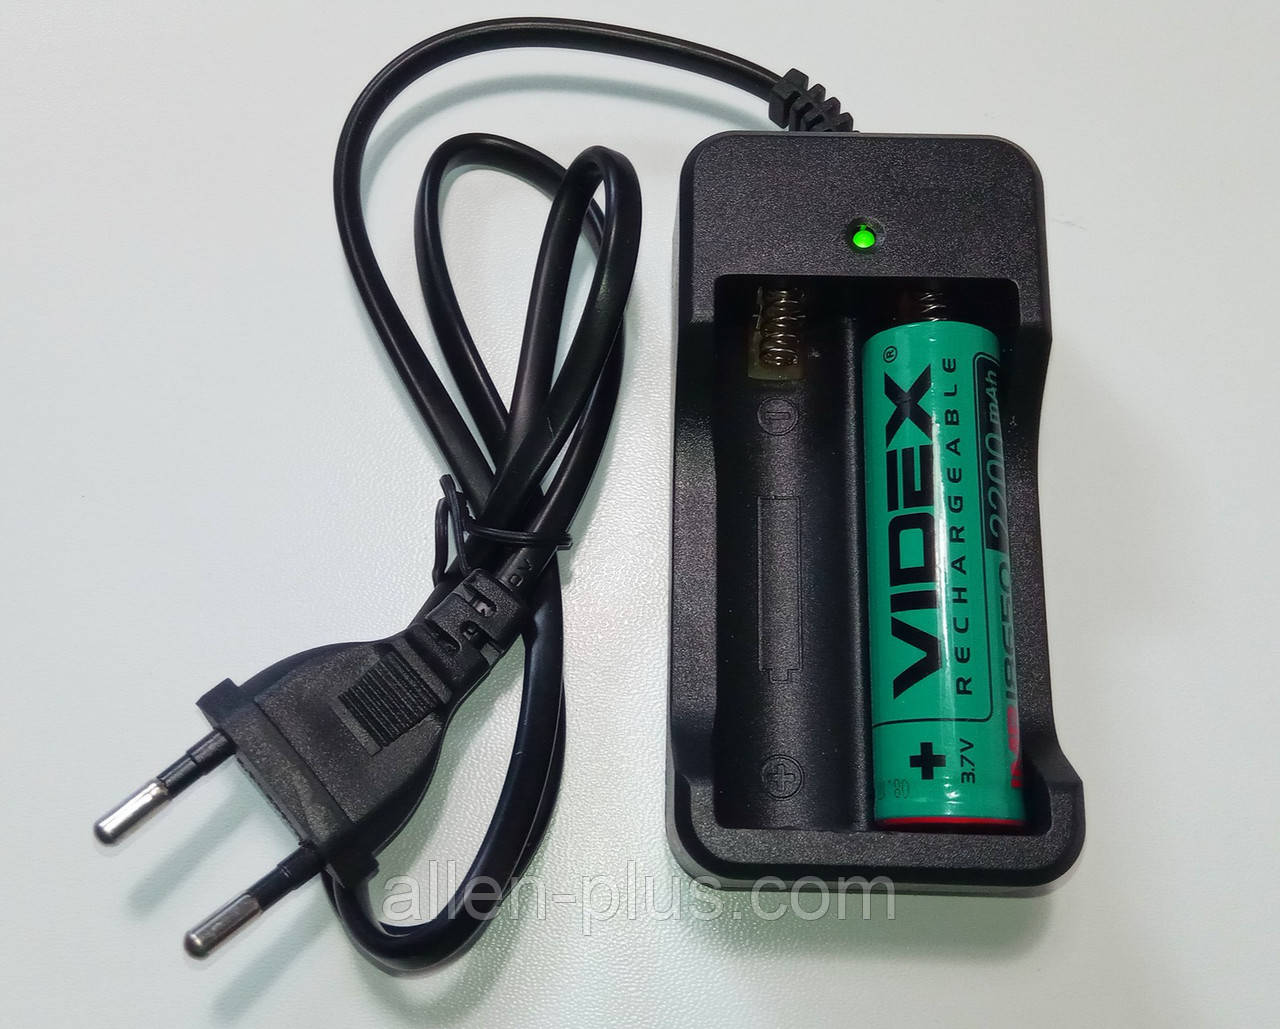 Зарядний пристрій з кабелем та вилкою HXY-042/MD202, (2x18650, Li-Ion, 220V) (на 2 акумулятора 18650)